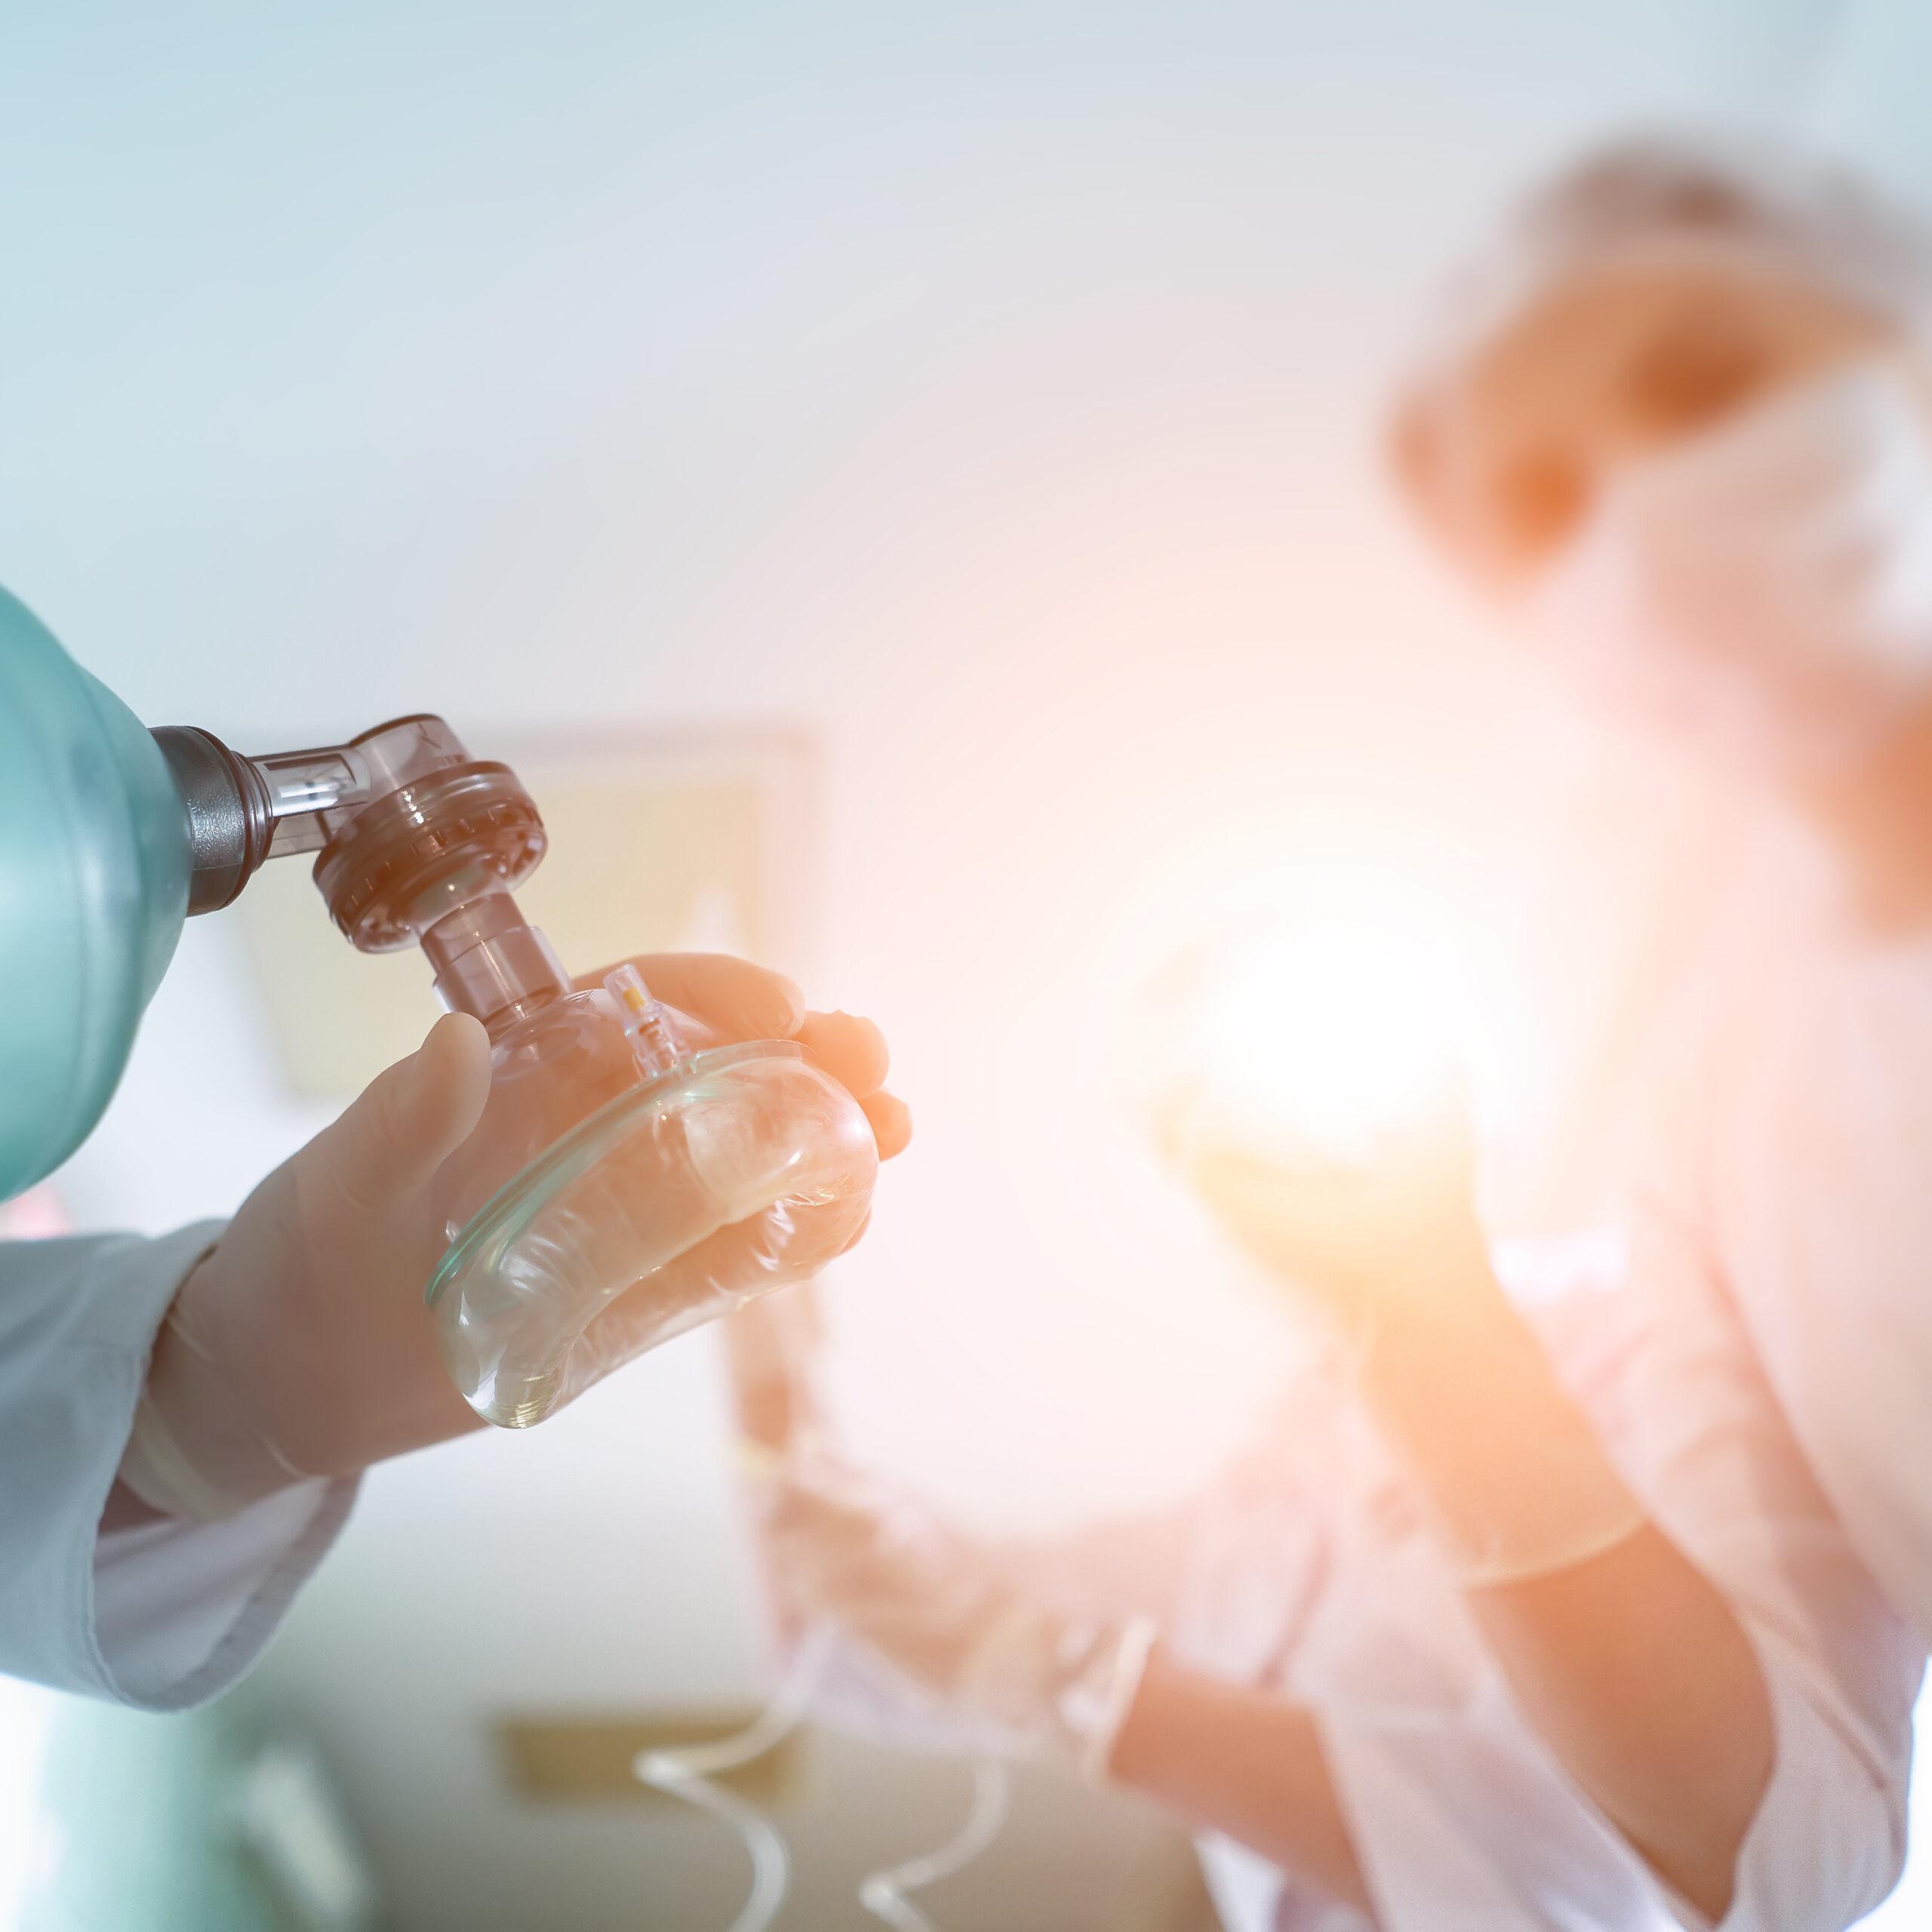 arts en assistenten die patient beademen tijdens een reanimatie cursus